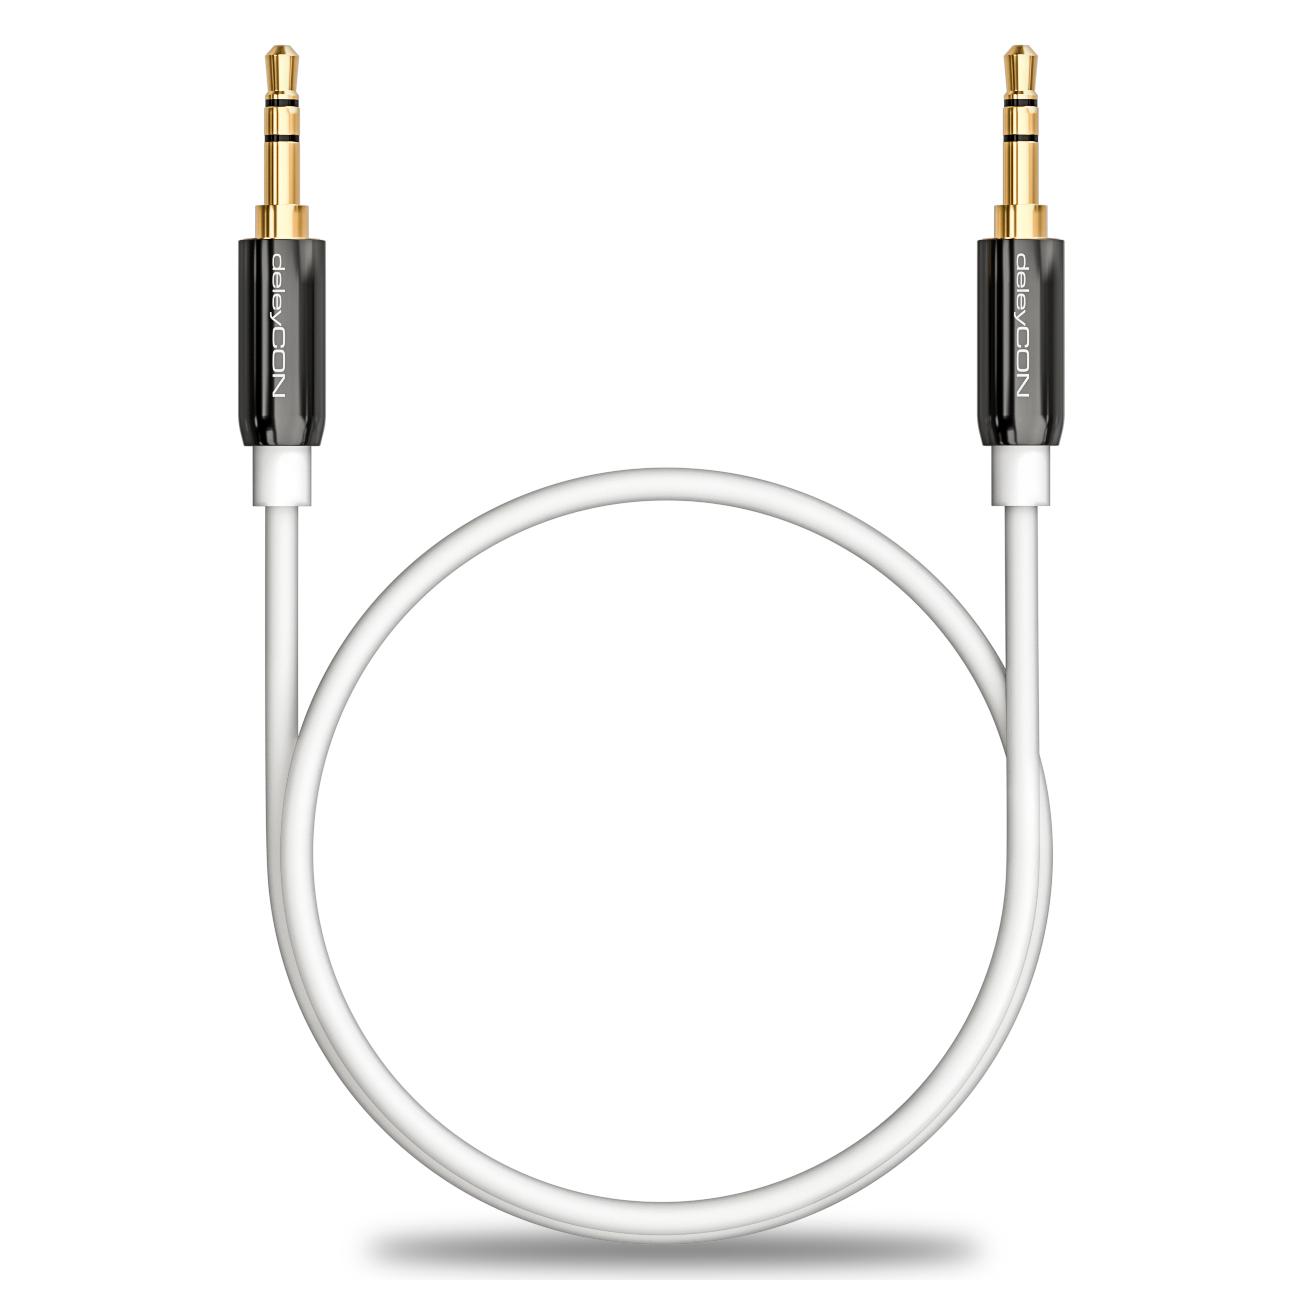 Deleycon 5m Klinken Kabel Wei 3 5mm Stecker Zu Stecker